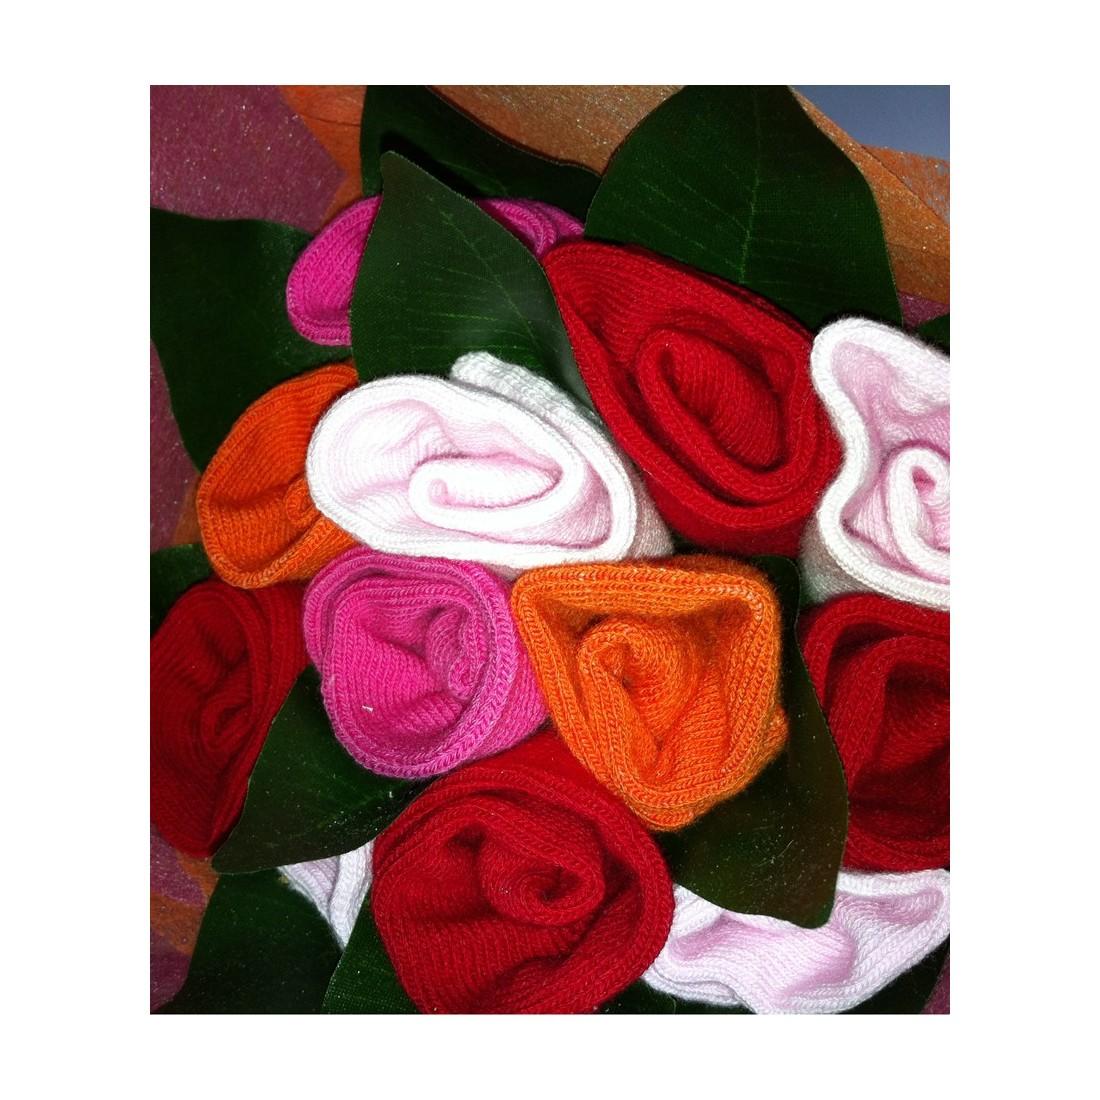 Cadeau de naissance original pour bébé fille - bouquet de chaussettes